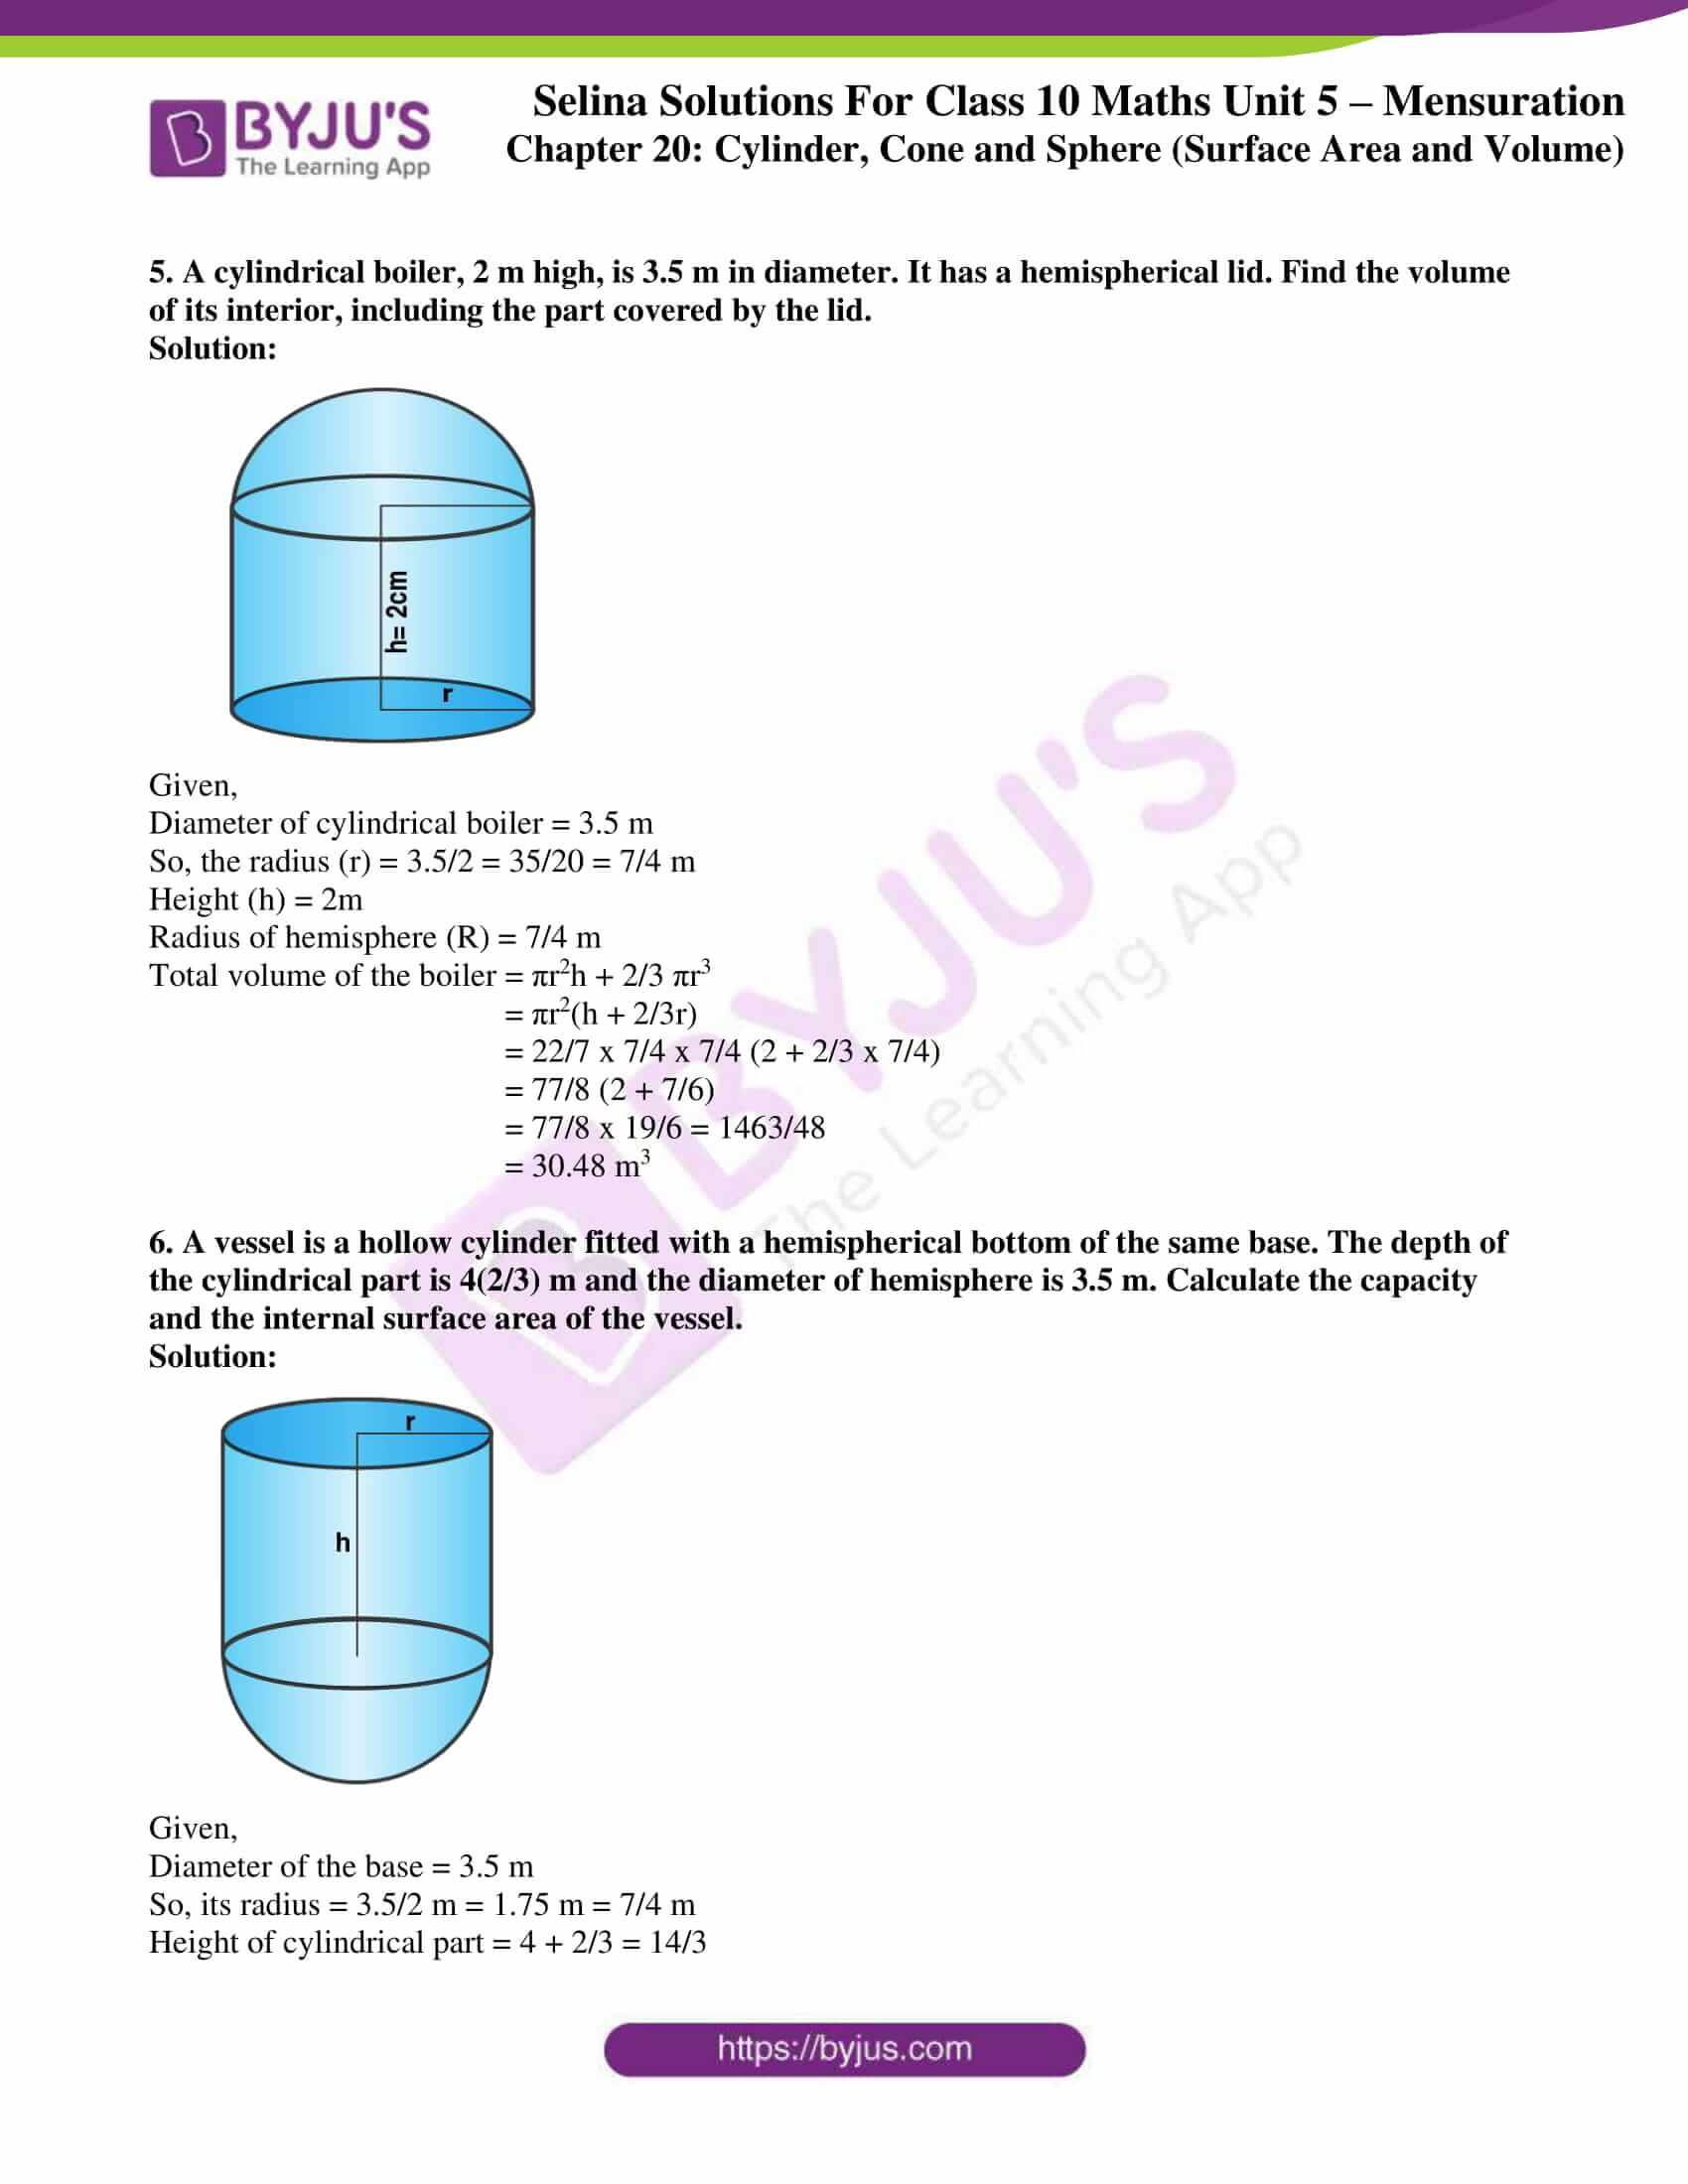 selina-sol-maths-class-10-ch-20-ex-f-4